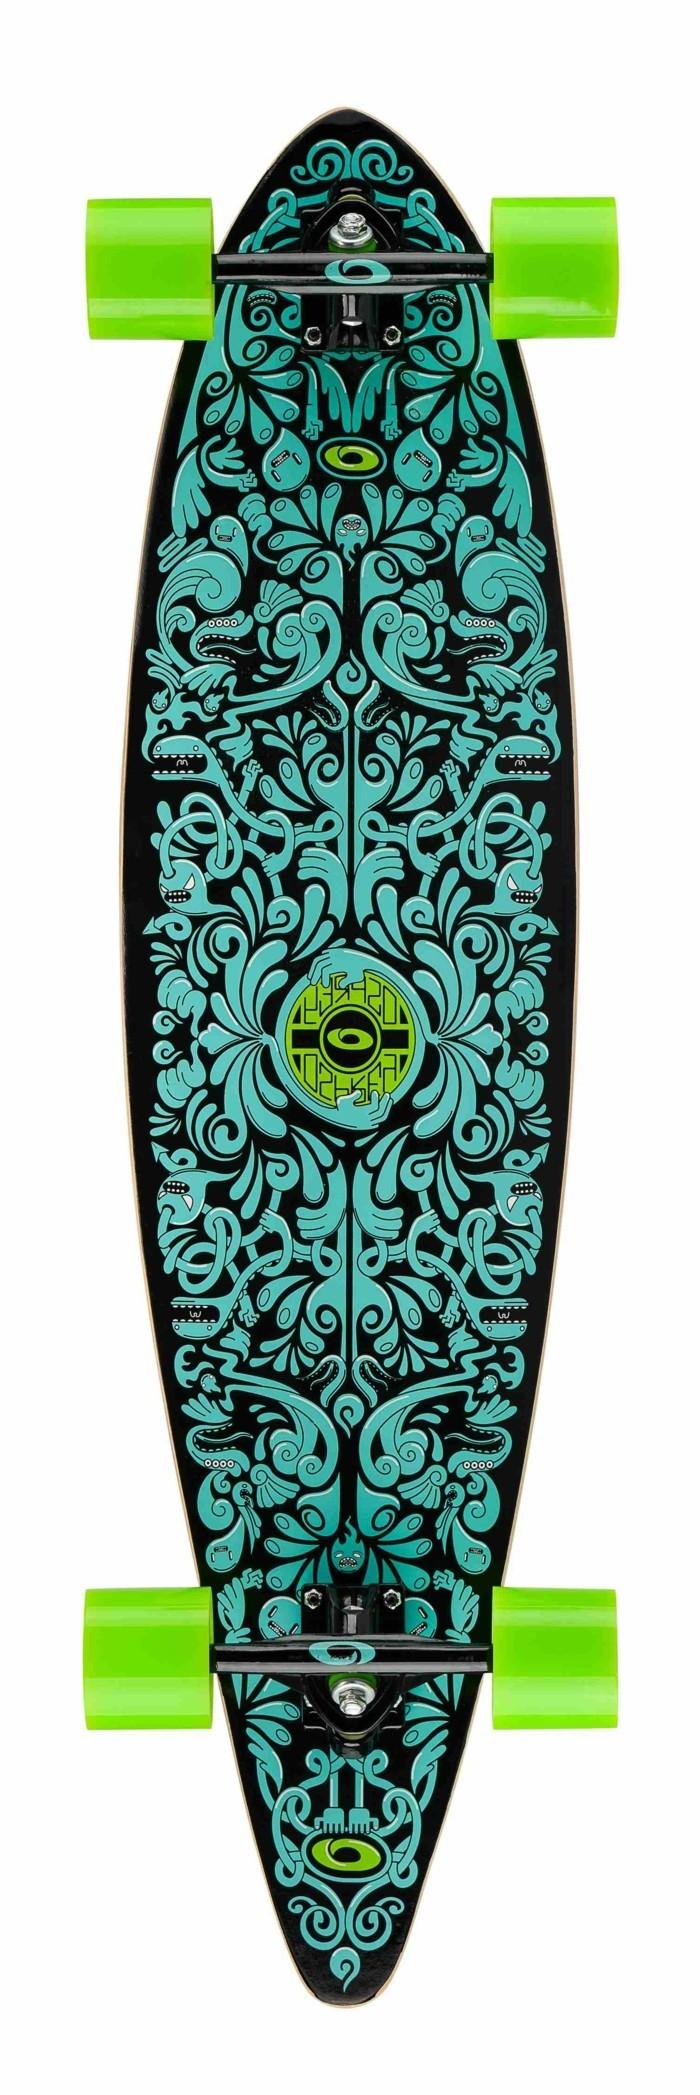 longboard-selber-bauen-ausgefallenes-longboard